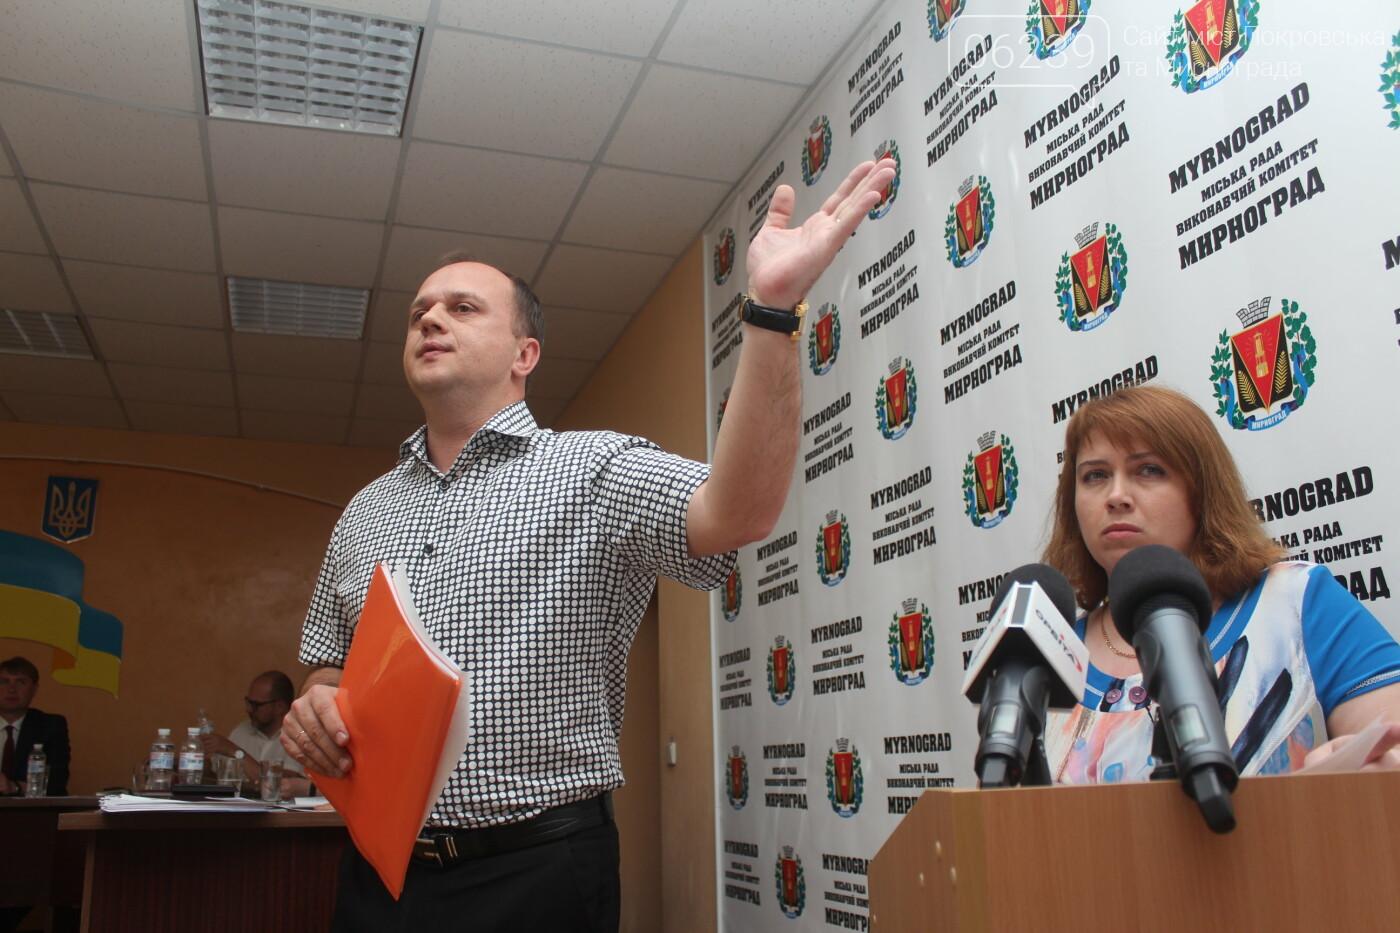 Туристический сбор и ликвидация шахты: в Мирнограде состоялась 60-я сессия горсовета, фото-4